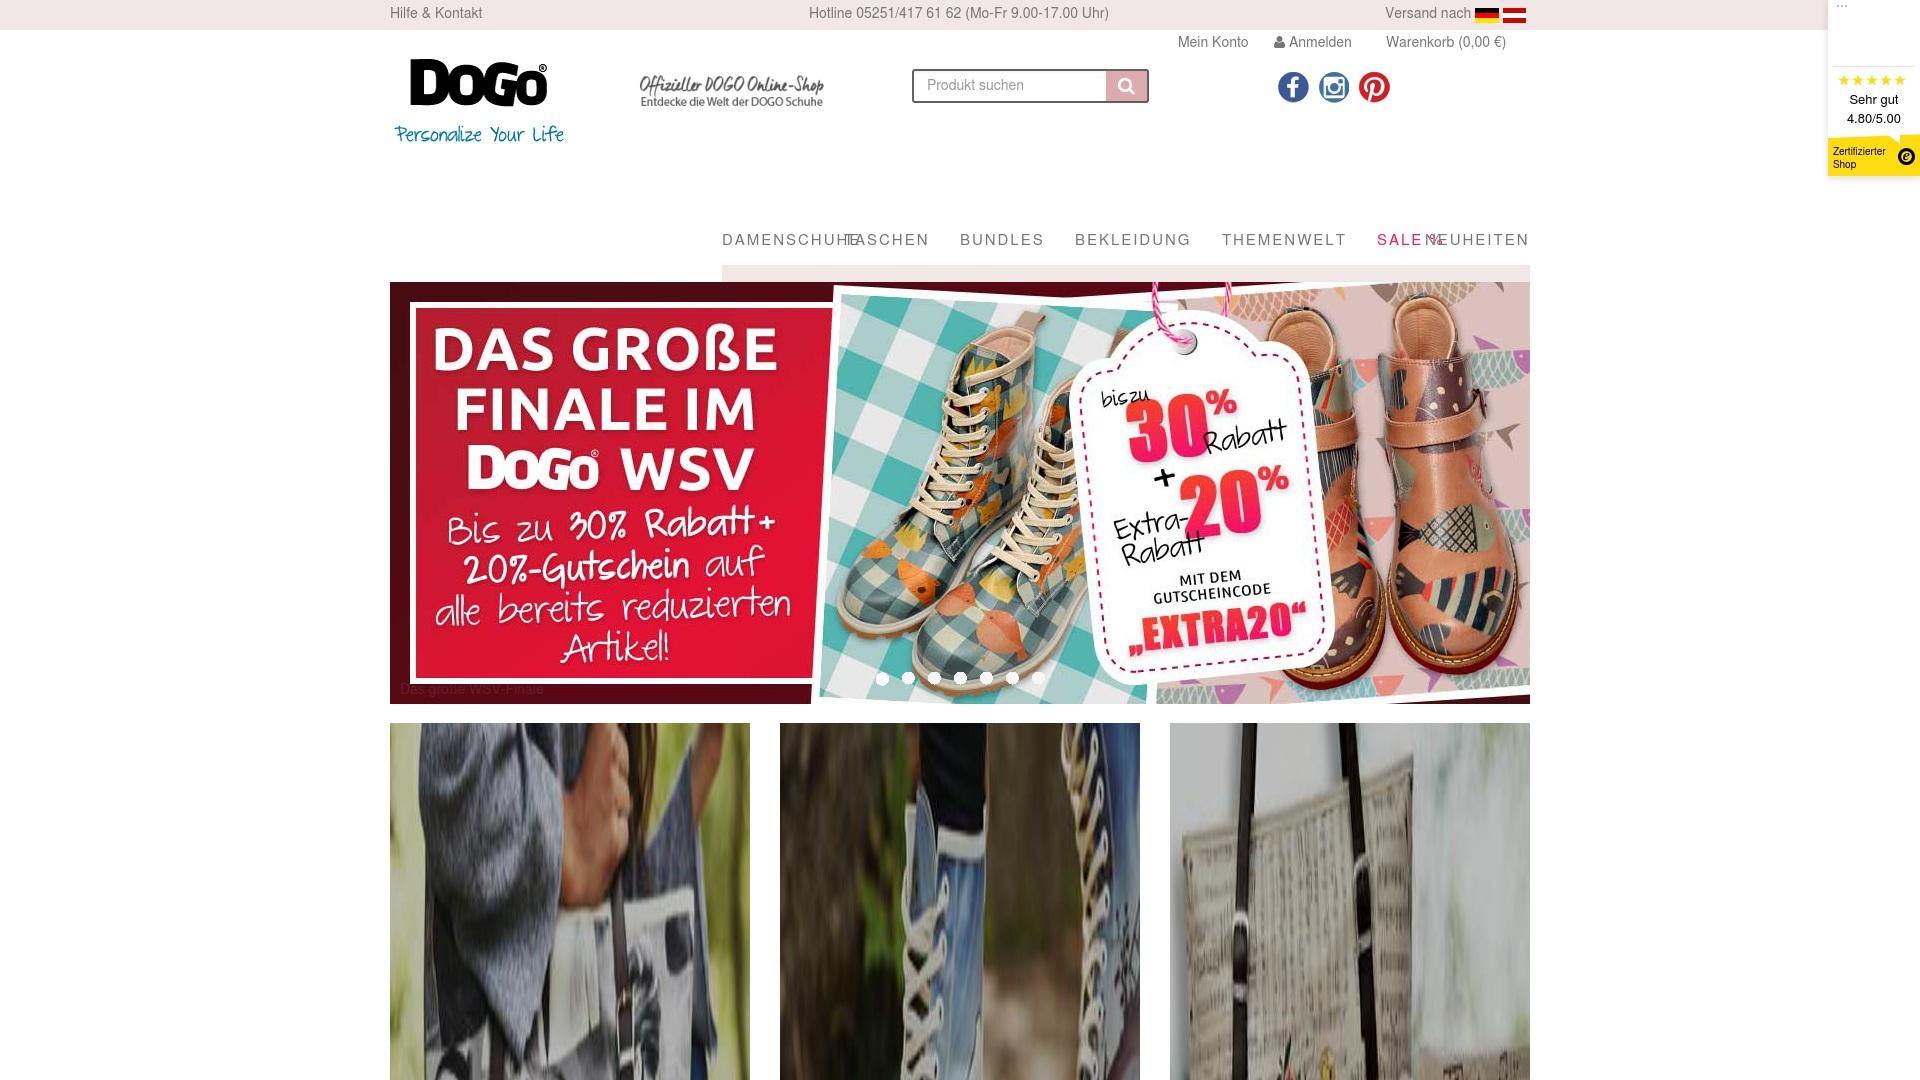 Gutschein für Dogo-shoes: Rabatte für  Dogo-shoes sichern